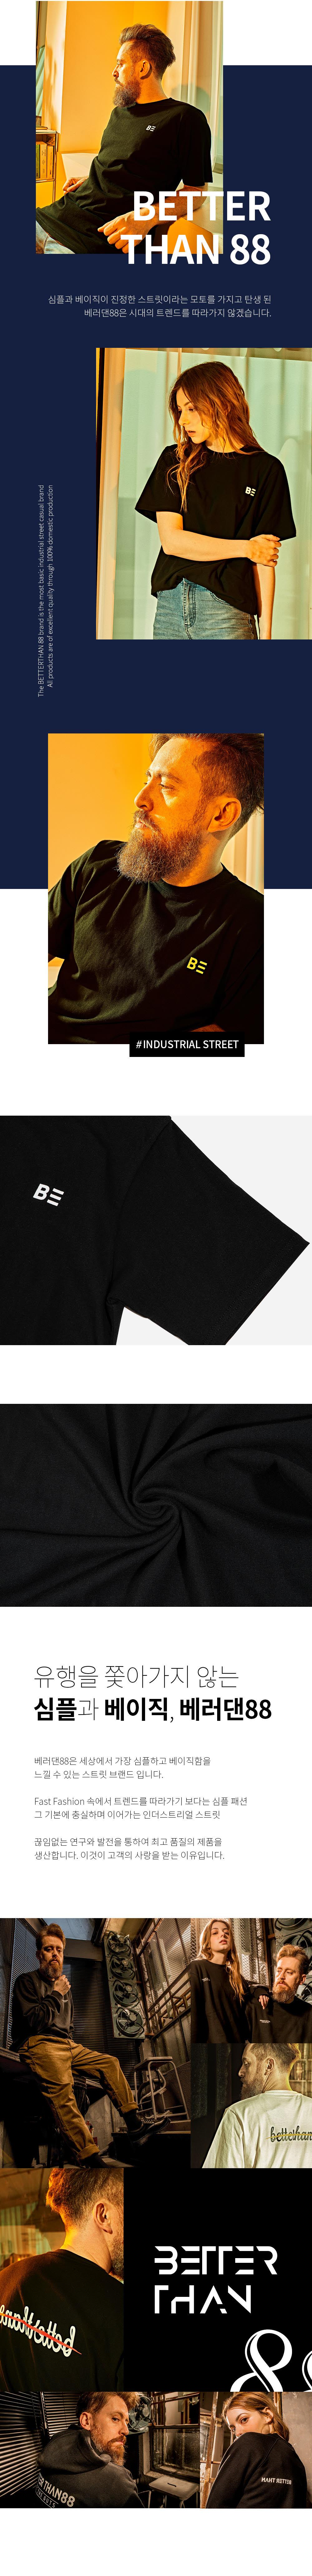 [베러댄88] M1292BB 하트스프링스 오버핏 워싱 20수 반팔티셔츠 밴타블랙